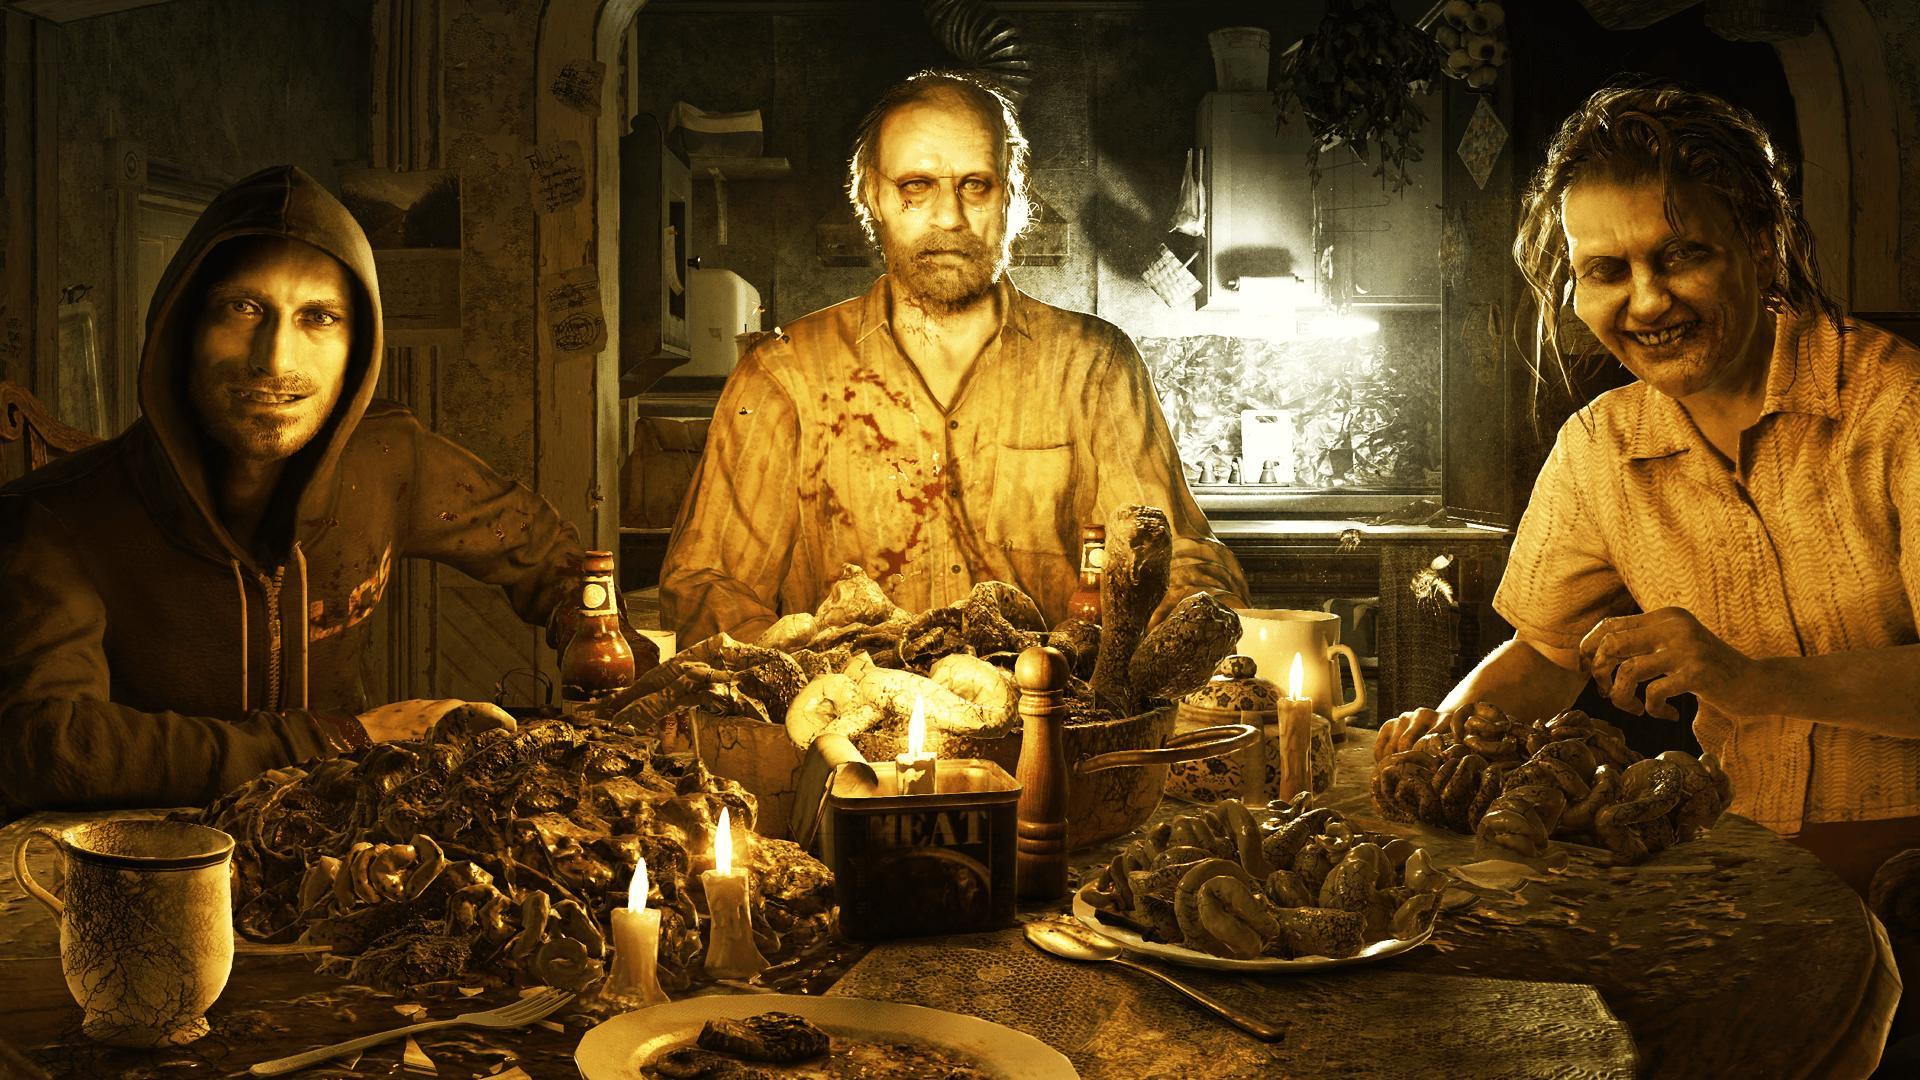 Распродажа игр отCapcom вSteam. Скидки достигают 80%, аигры серии Resident Evil отдают за19 рублей